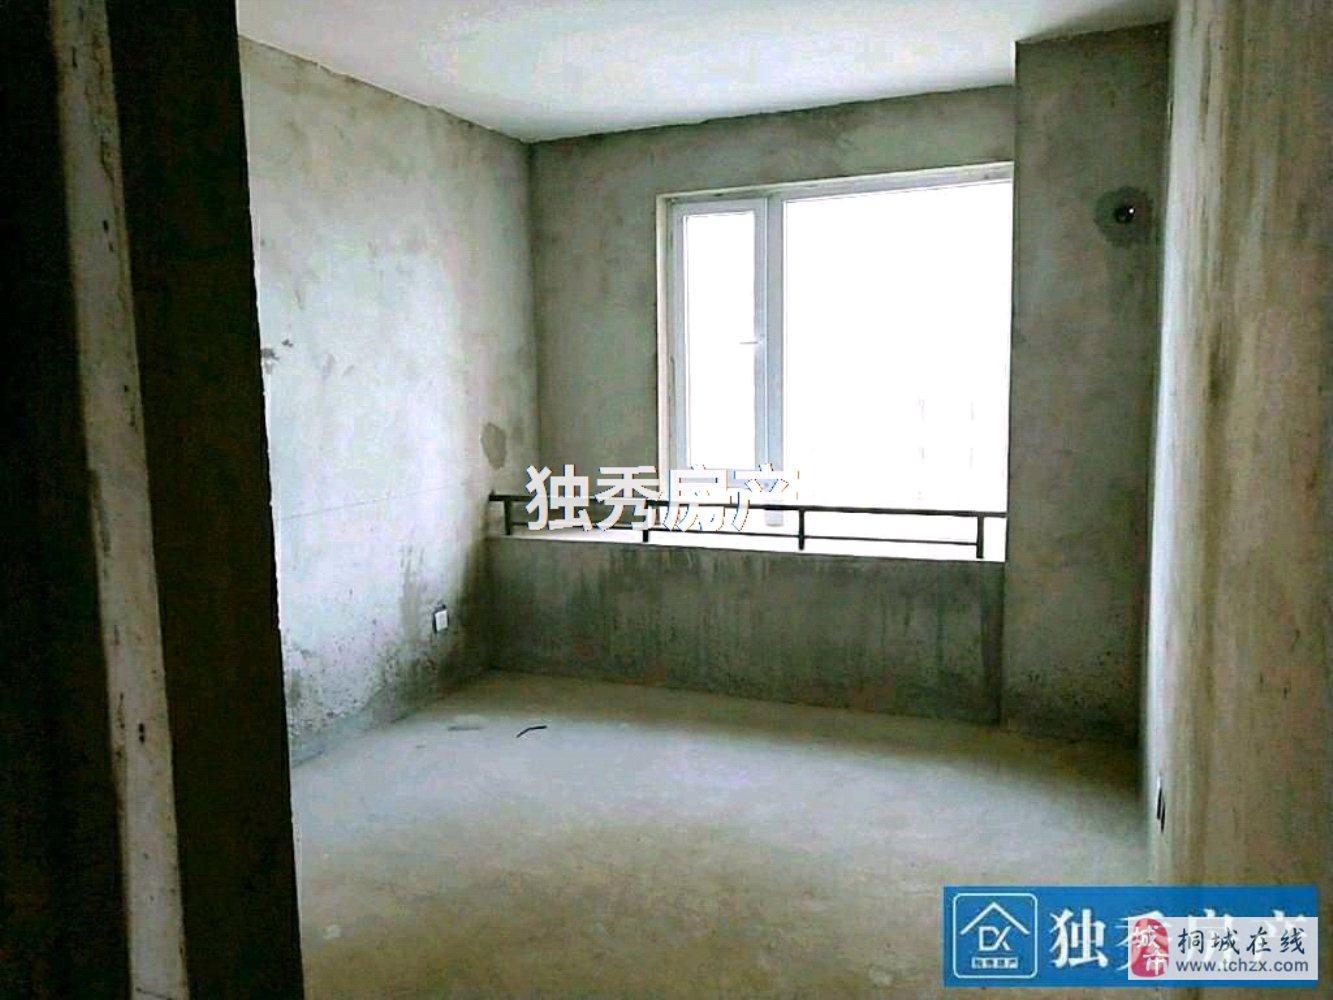 天紫·四季花城3室2厅1卫南北通透价格优惠